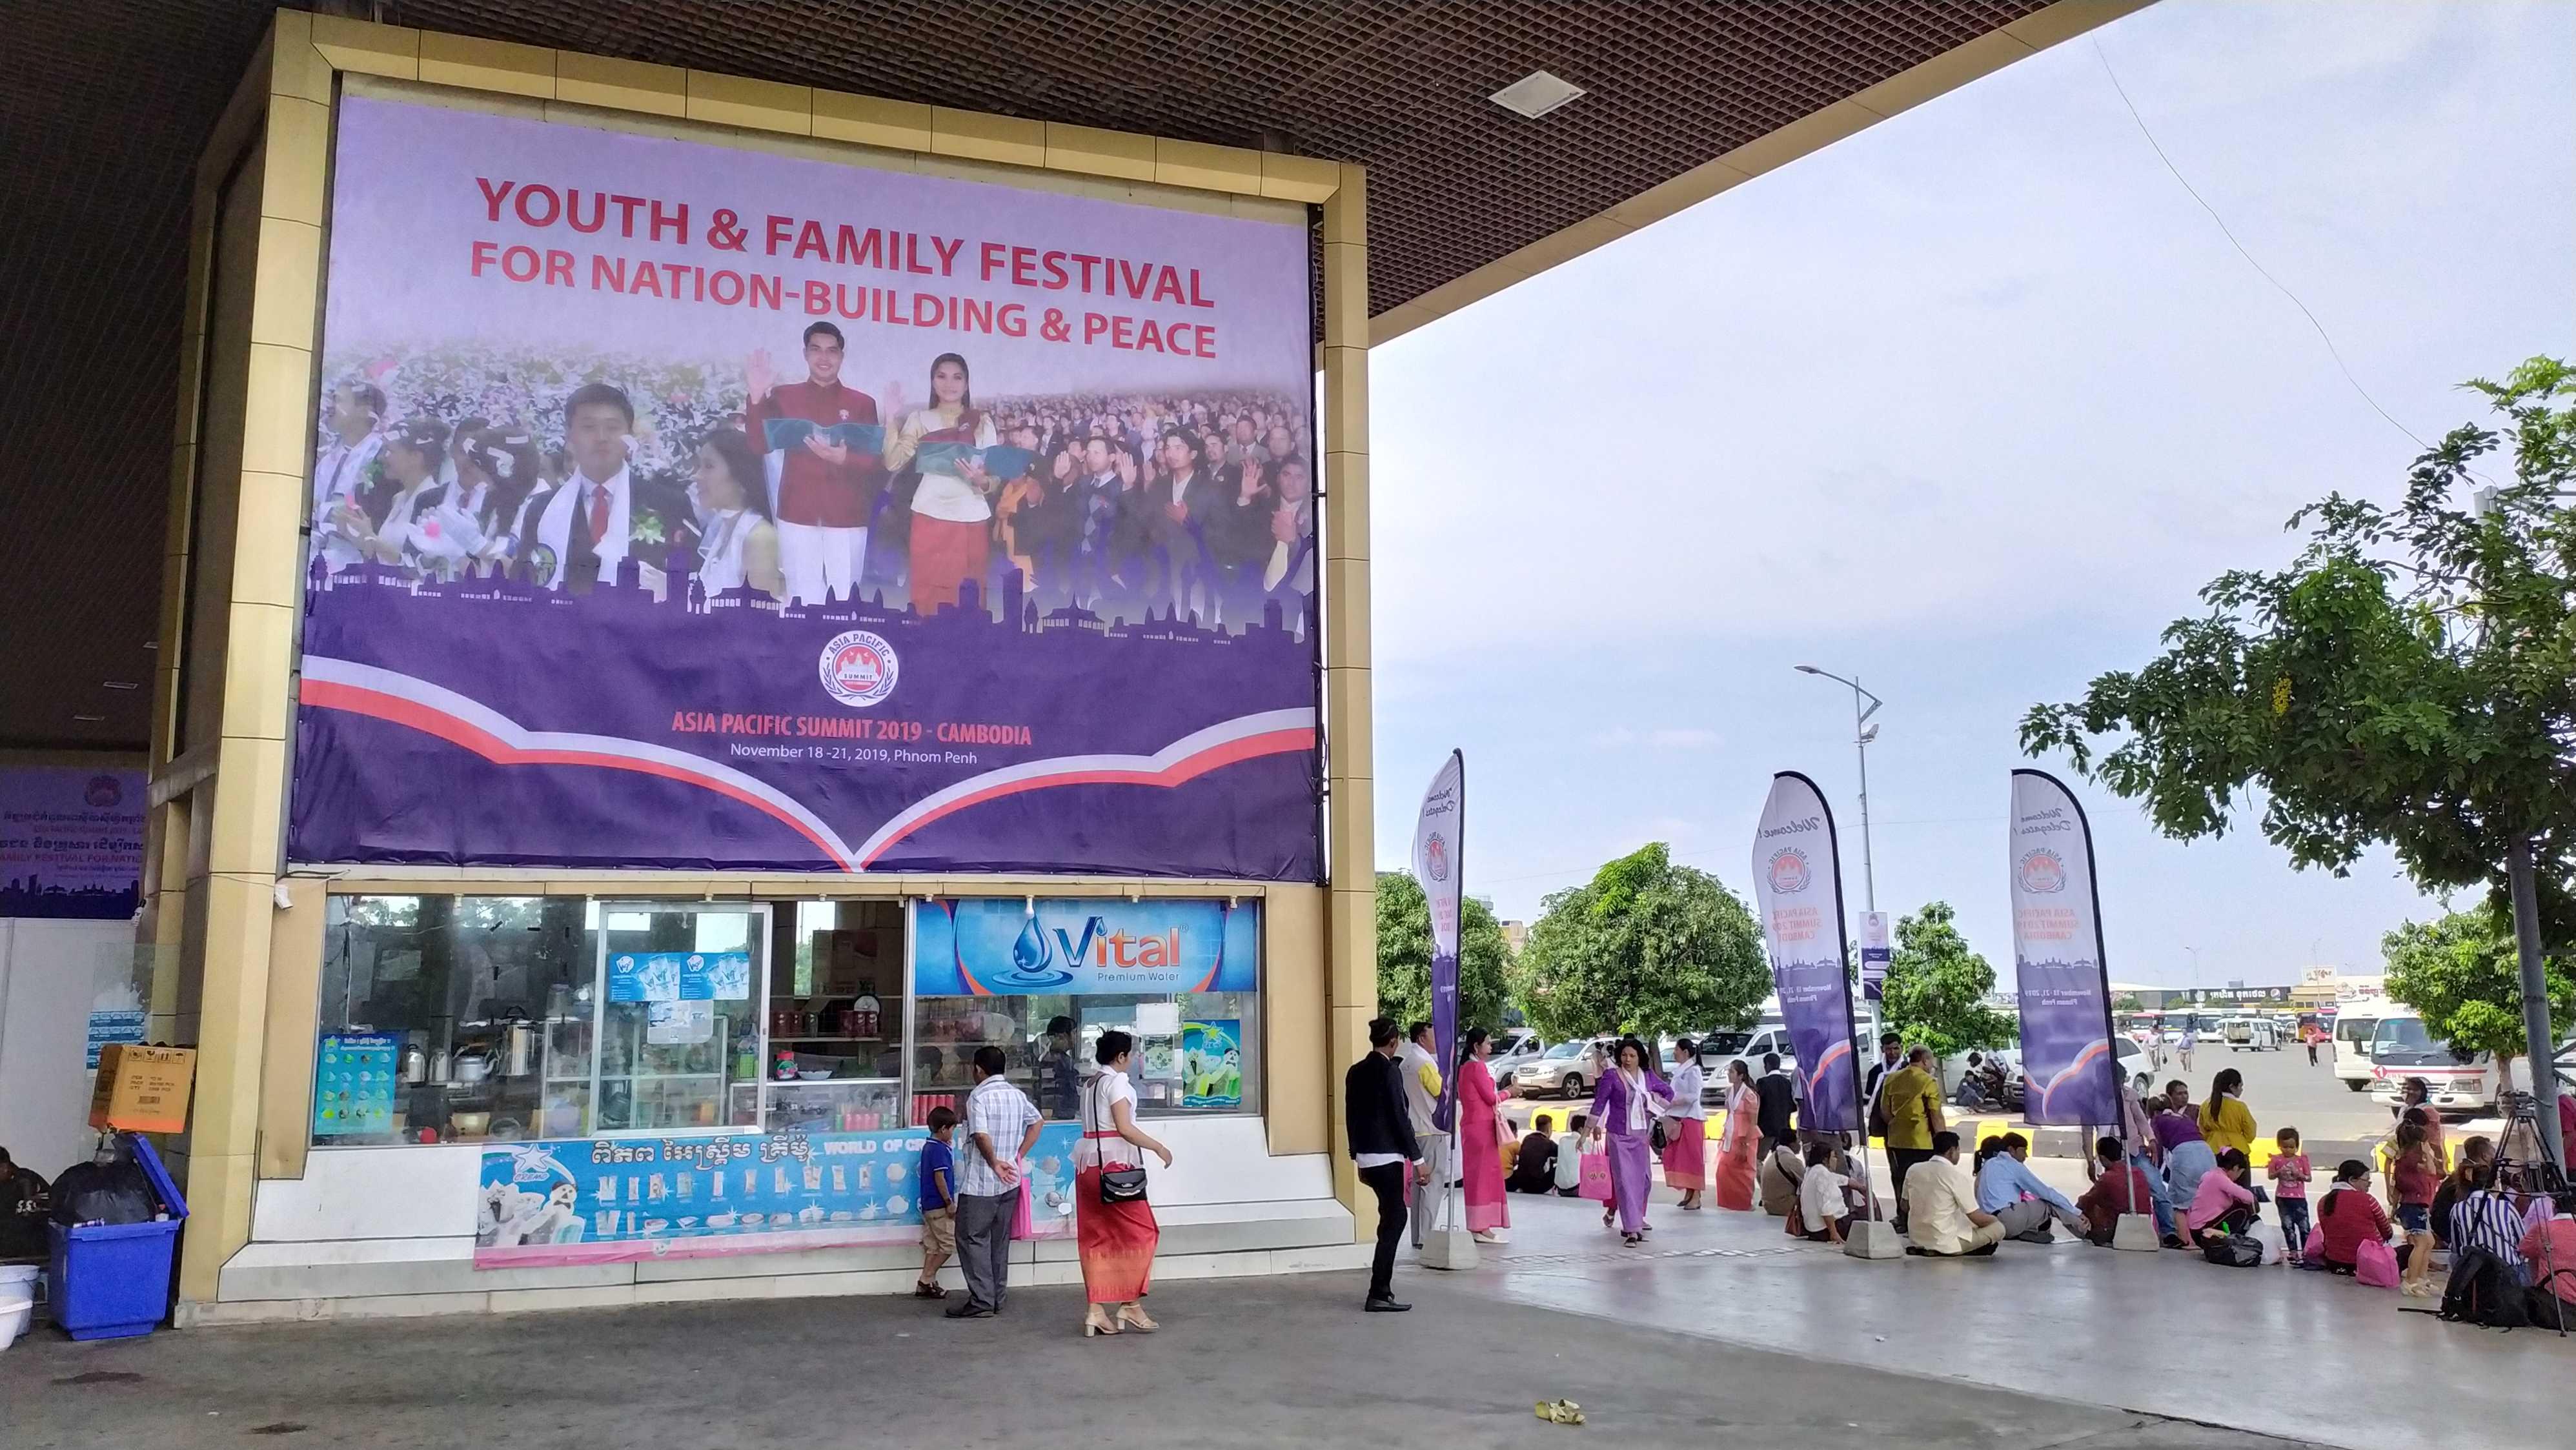 По окончании саммита гости могли посетить и культурный фестиваль, который состоялся в Koh Pich Art Theater, крупнейшем арт-центре столицы Камбоджи.